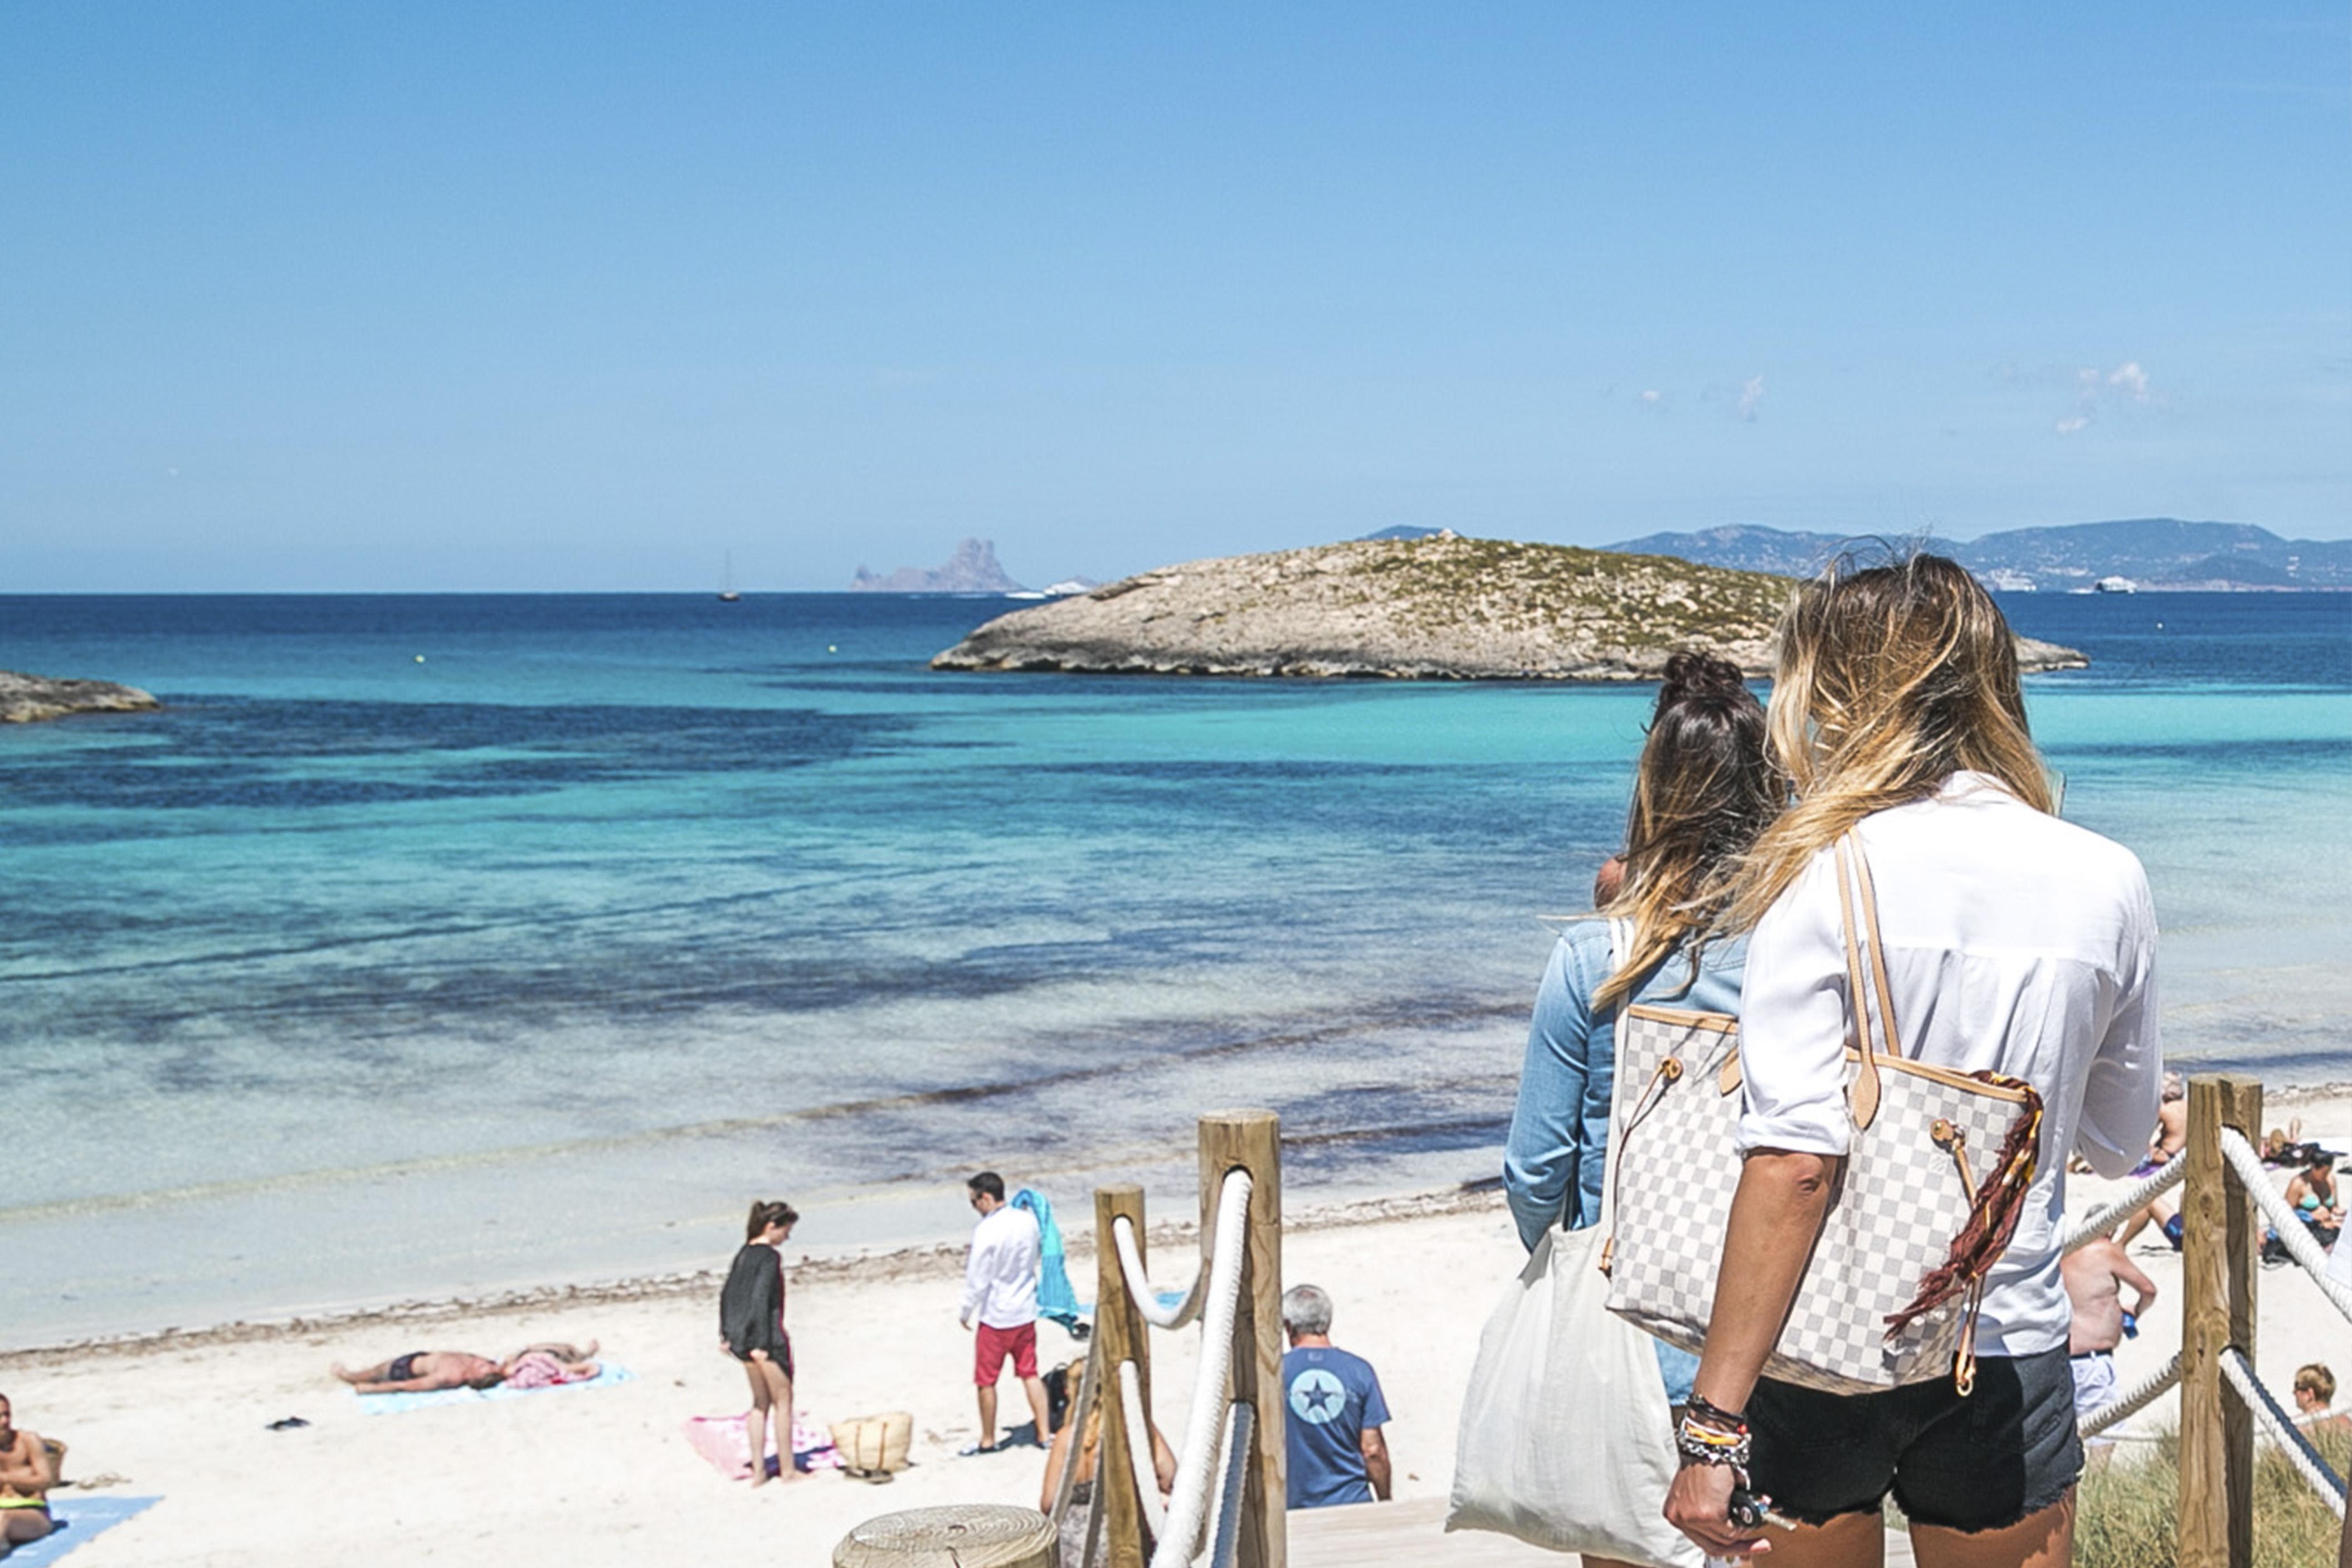 1 Día completo en Formentera es posible